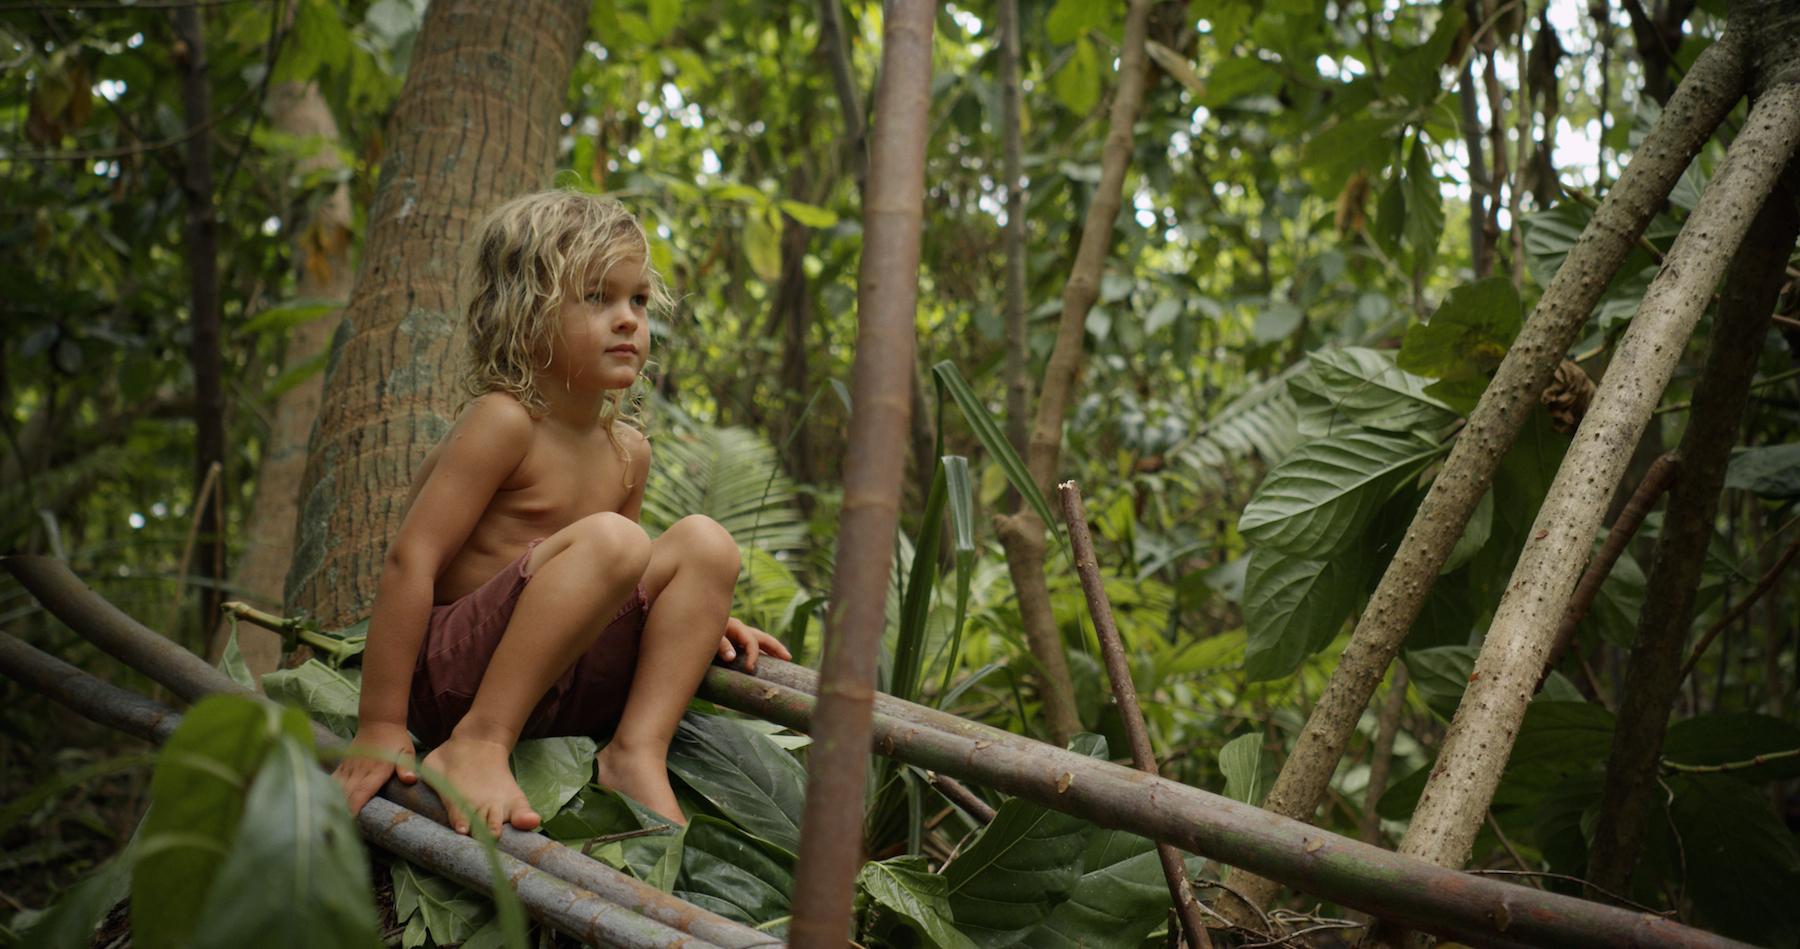 documentaires netflix de voyages qui vont vous rendre heureux Given 1